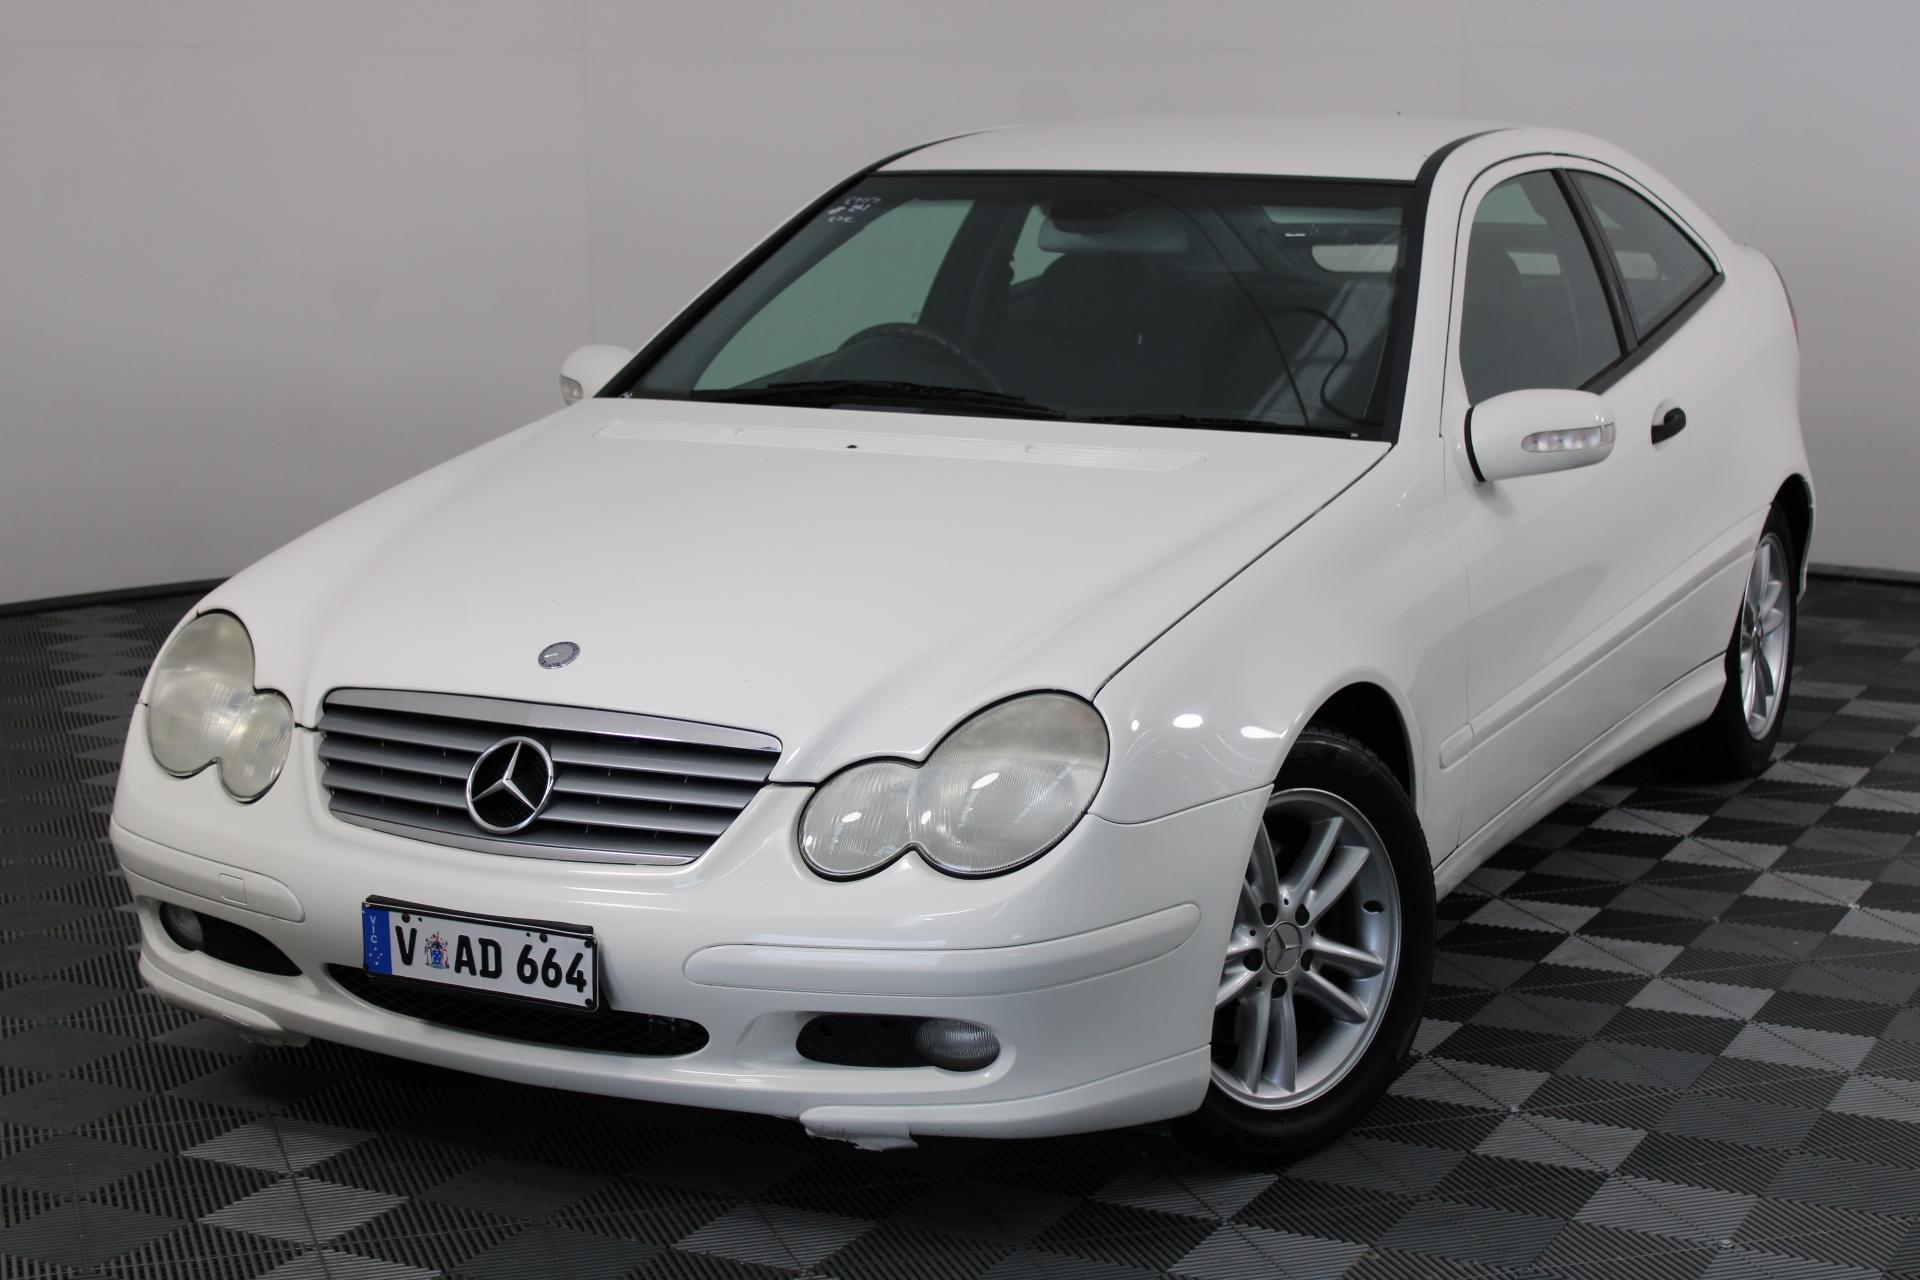 2002 Mercedes Benz C180 CL203 Automatic Coupe